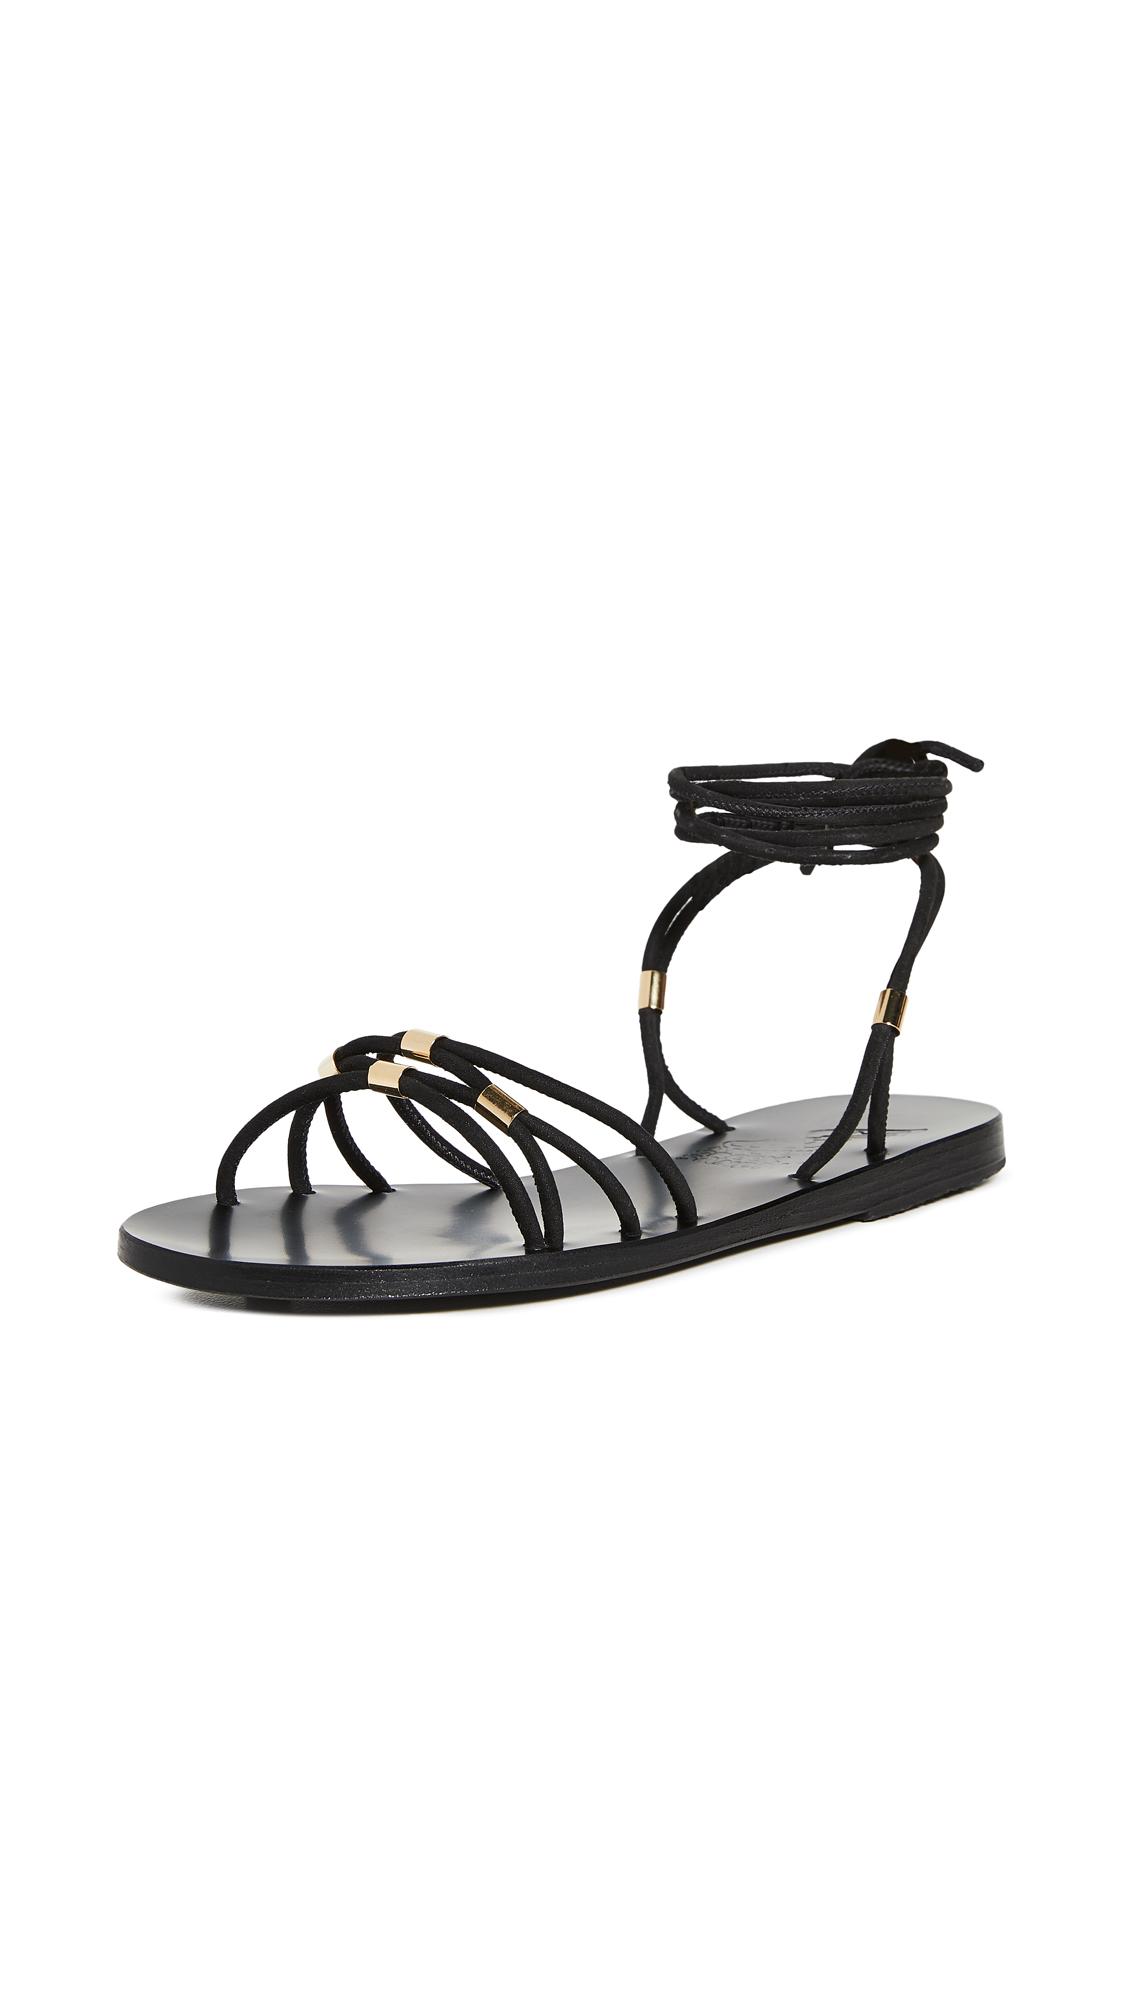 Buy Ancient Greek Sandals Persida Sandals online, shop Ancient Greek Sandals